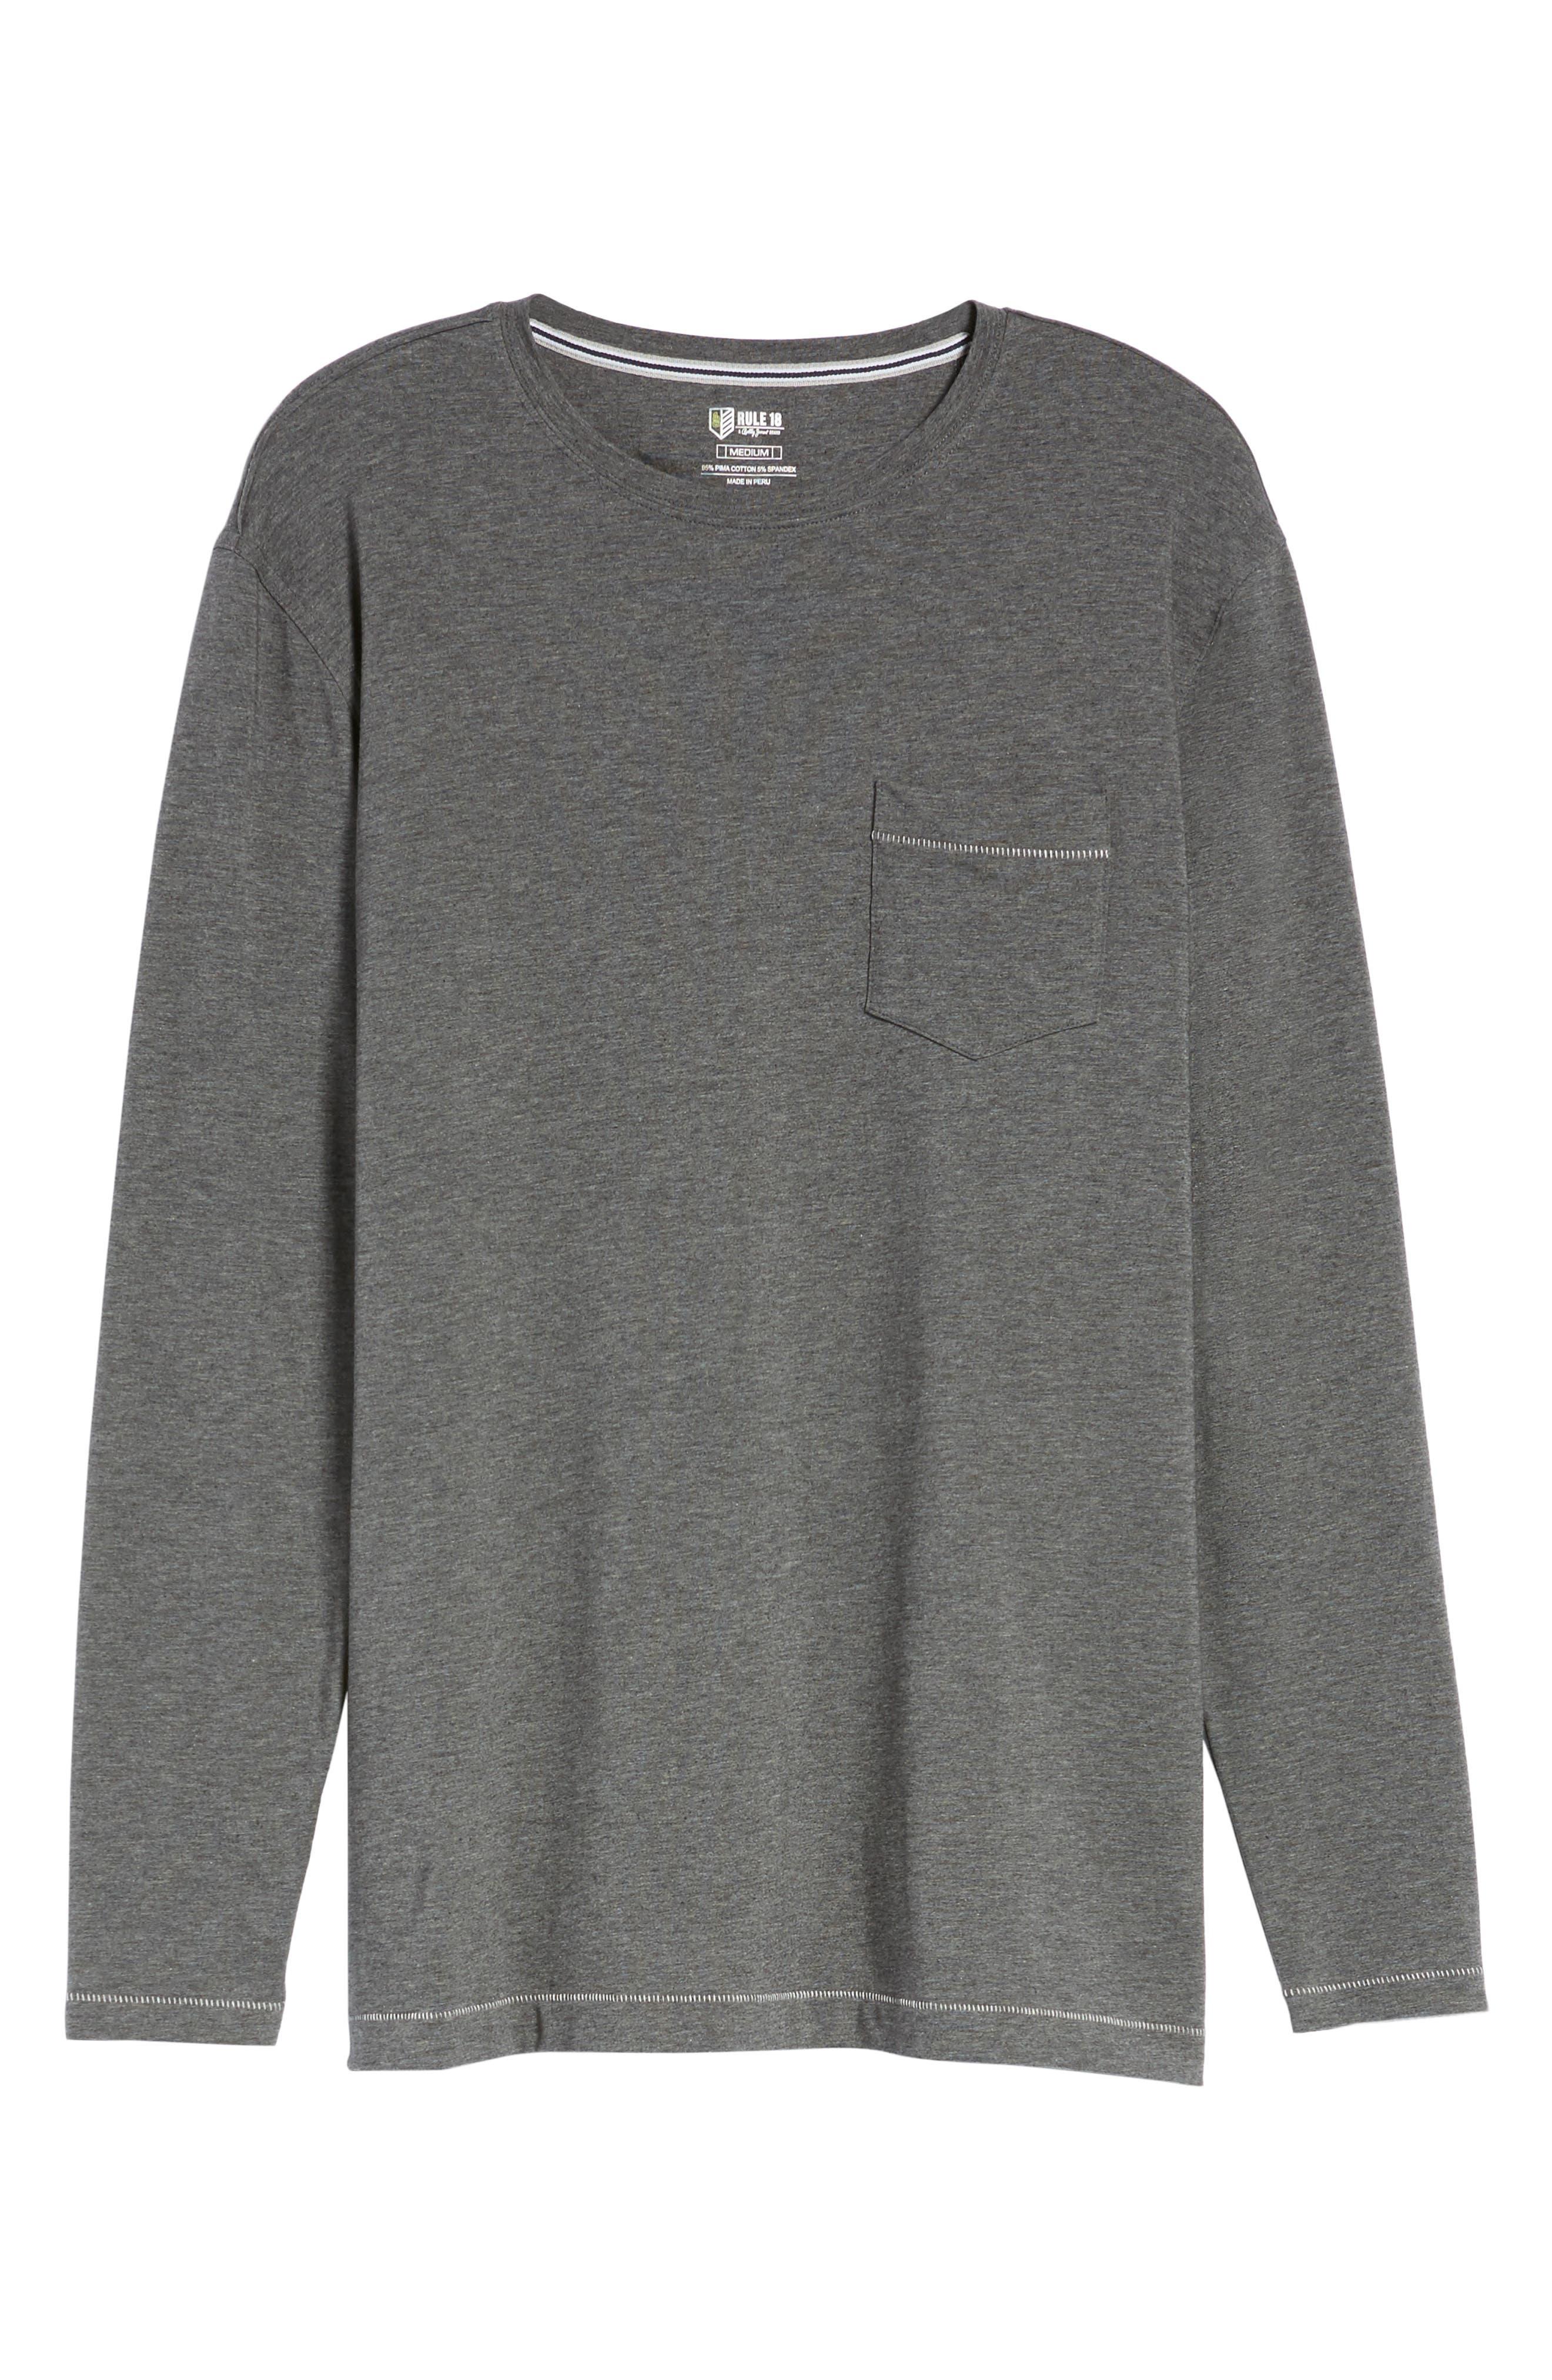 Rule 18 Essential Crewneck T-Shirt,                             Alternate thumbnail 6, color,                             020